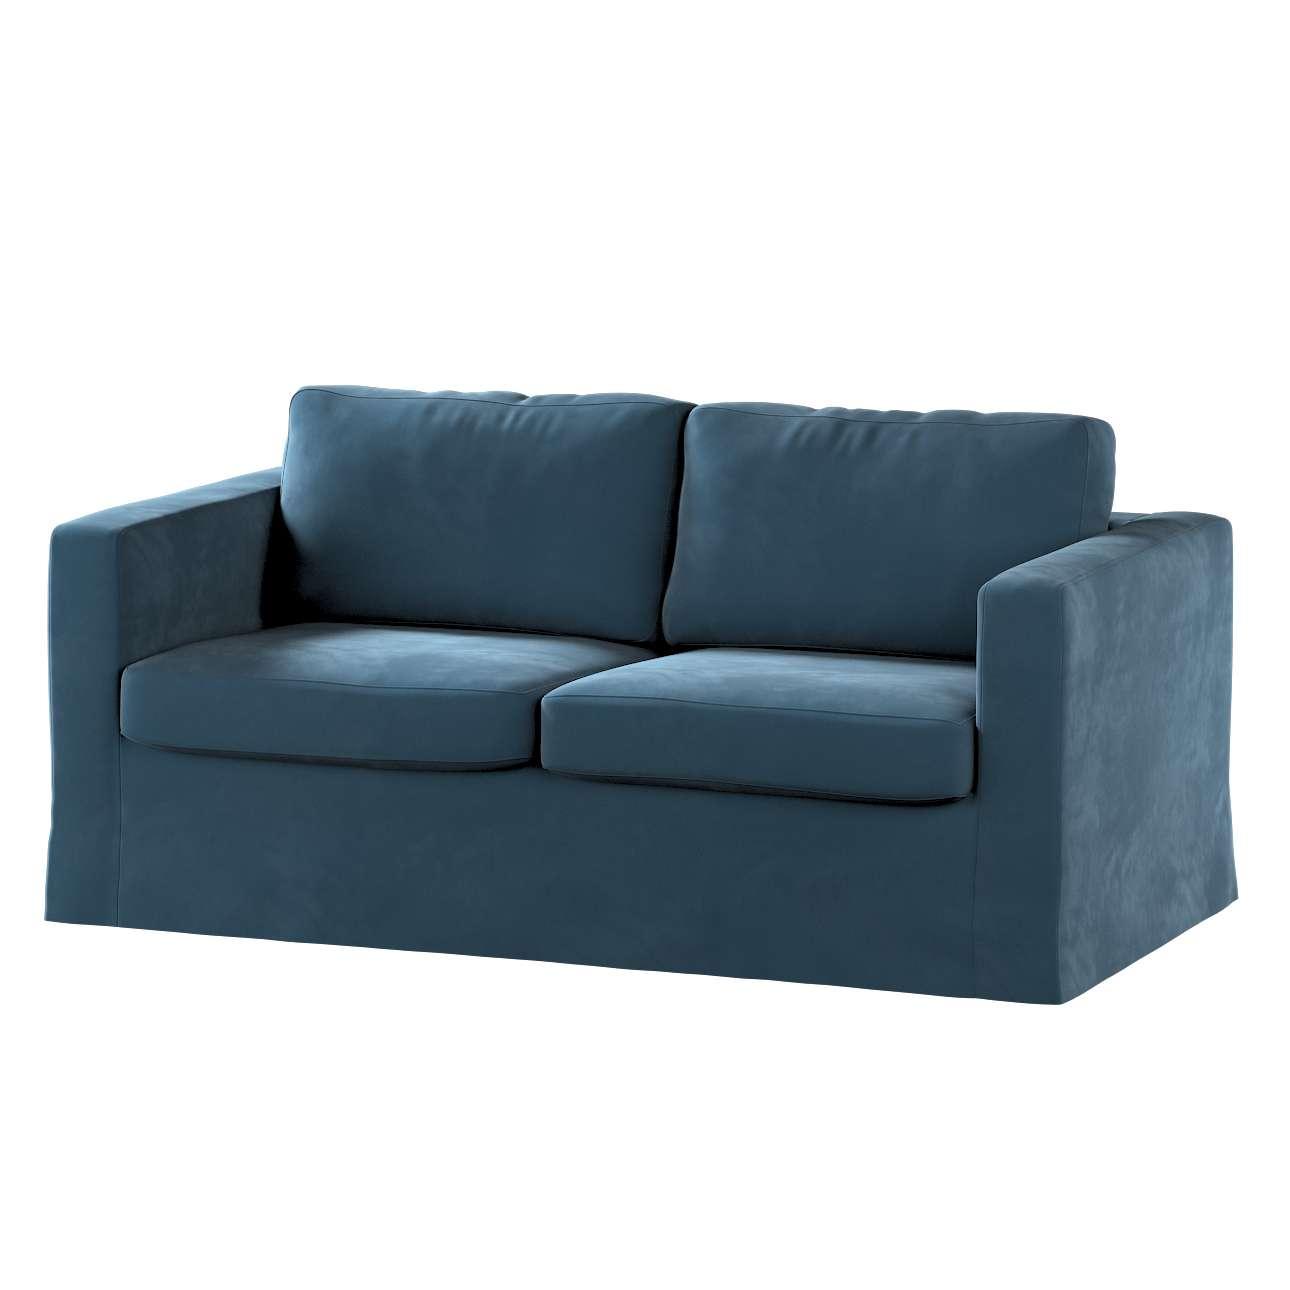 Pokrowiec na sofę Karlstad 2-osobową nierozkładaną długi w kolekcji Velvet, tkanina: 704-16